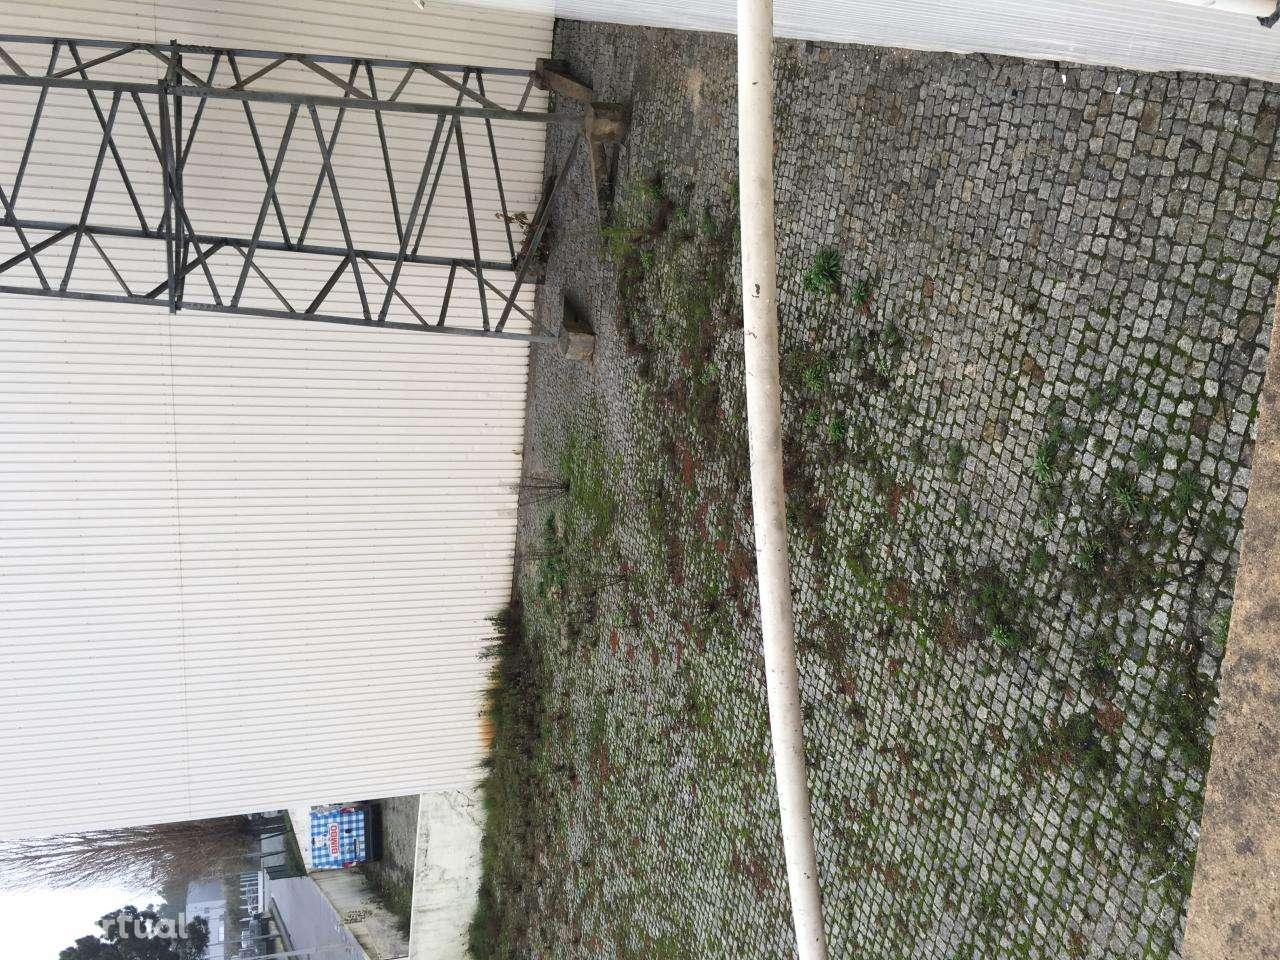 Armazém para arrendar, Moreira, Maia, Porto - Foto 18